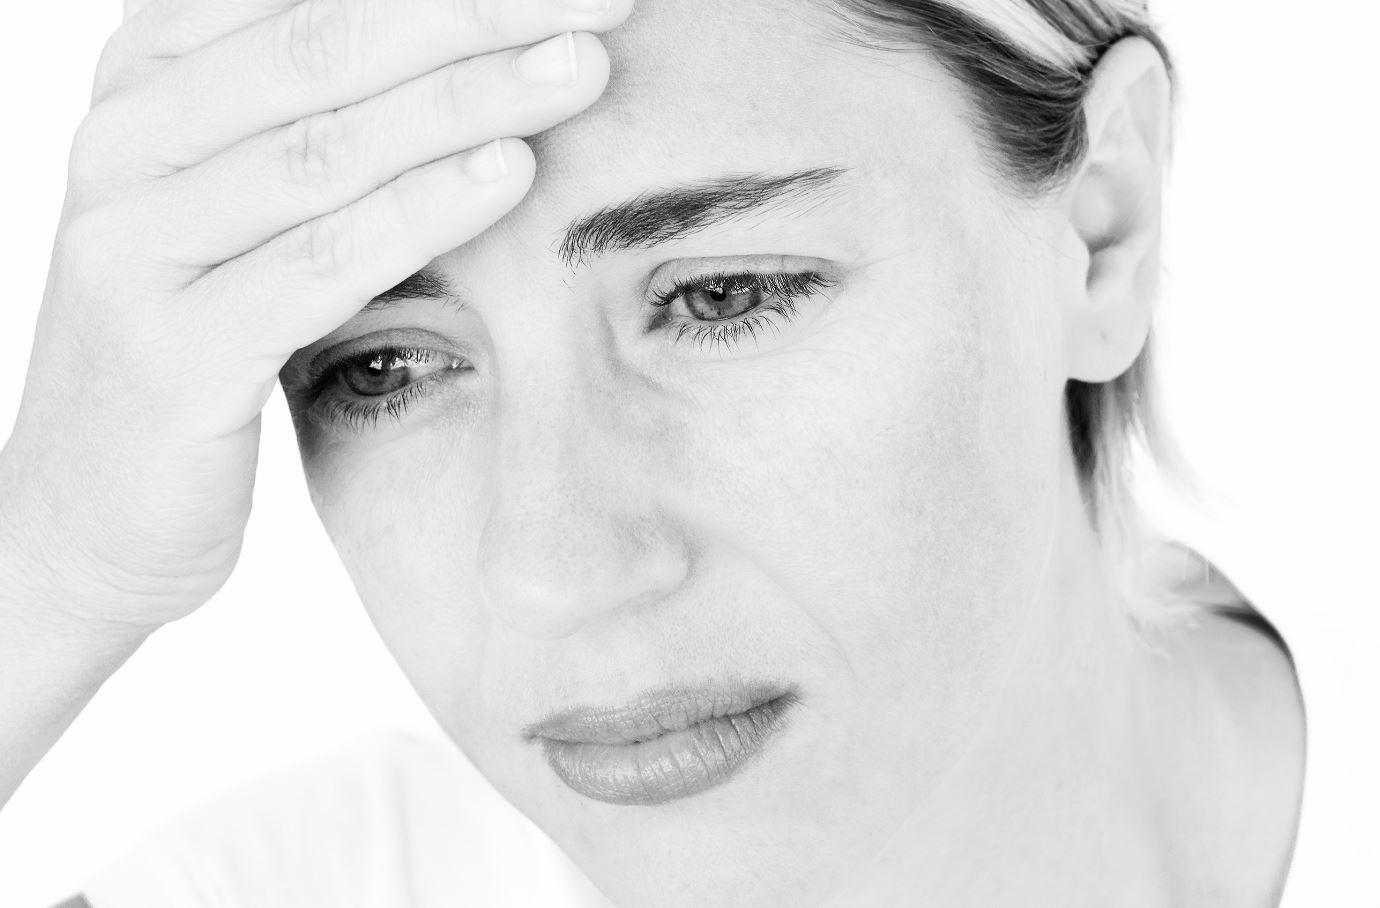 Emergenze dentali: Mal di denti, cosa fare